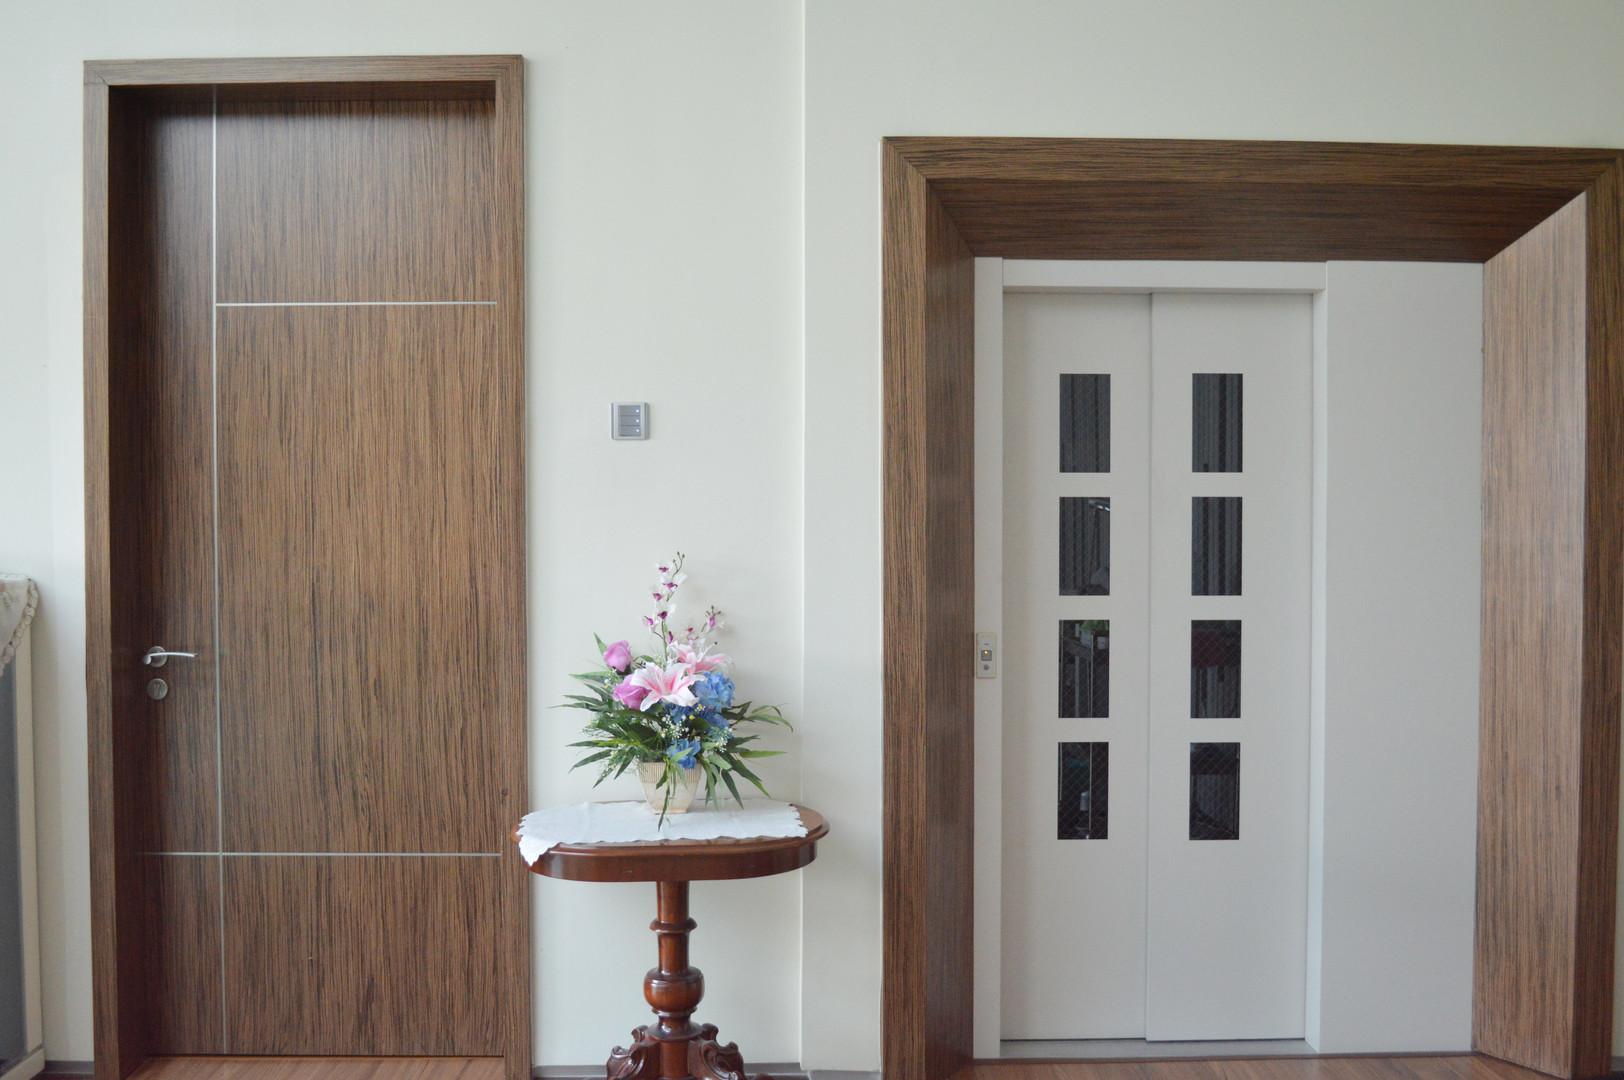 House Wooden Door and Door Frame